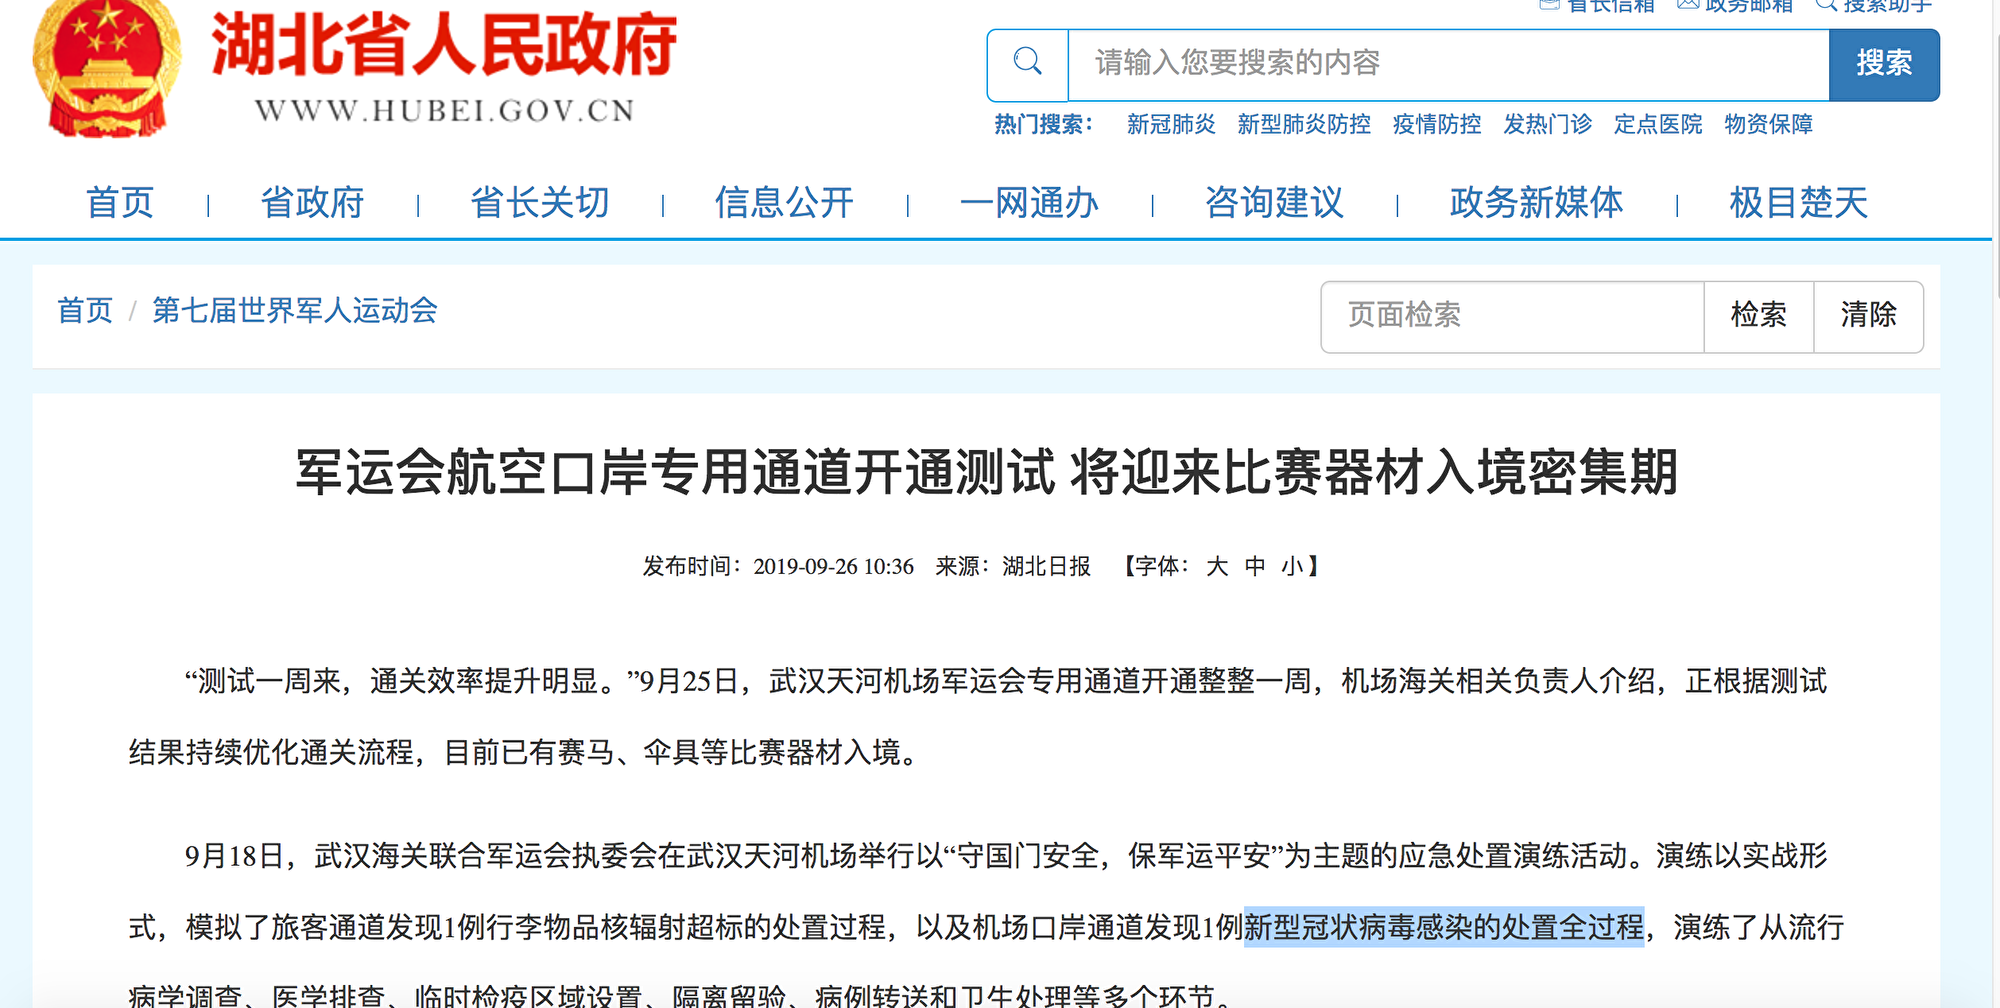 武漢2019年9月曾就新冠病毒進行模擬演練